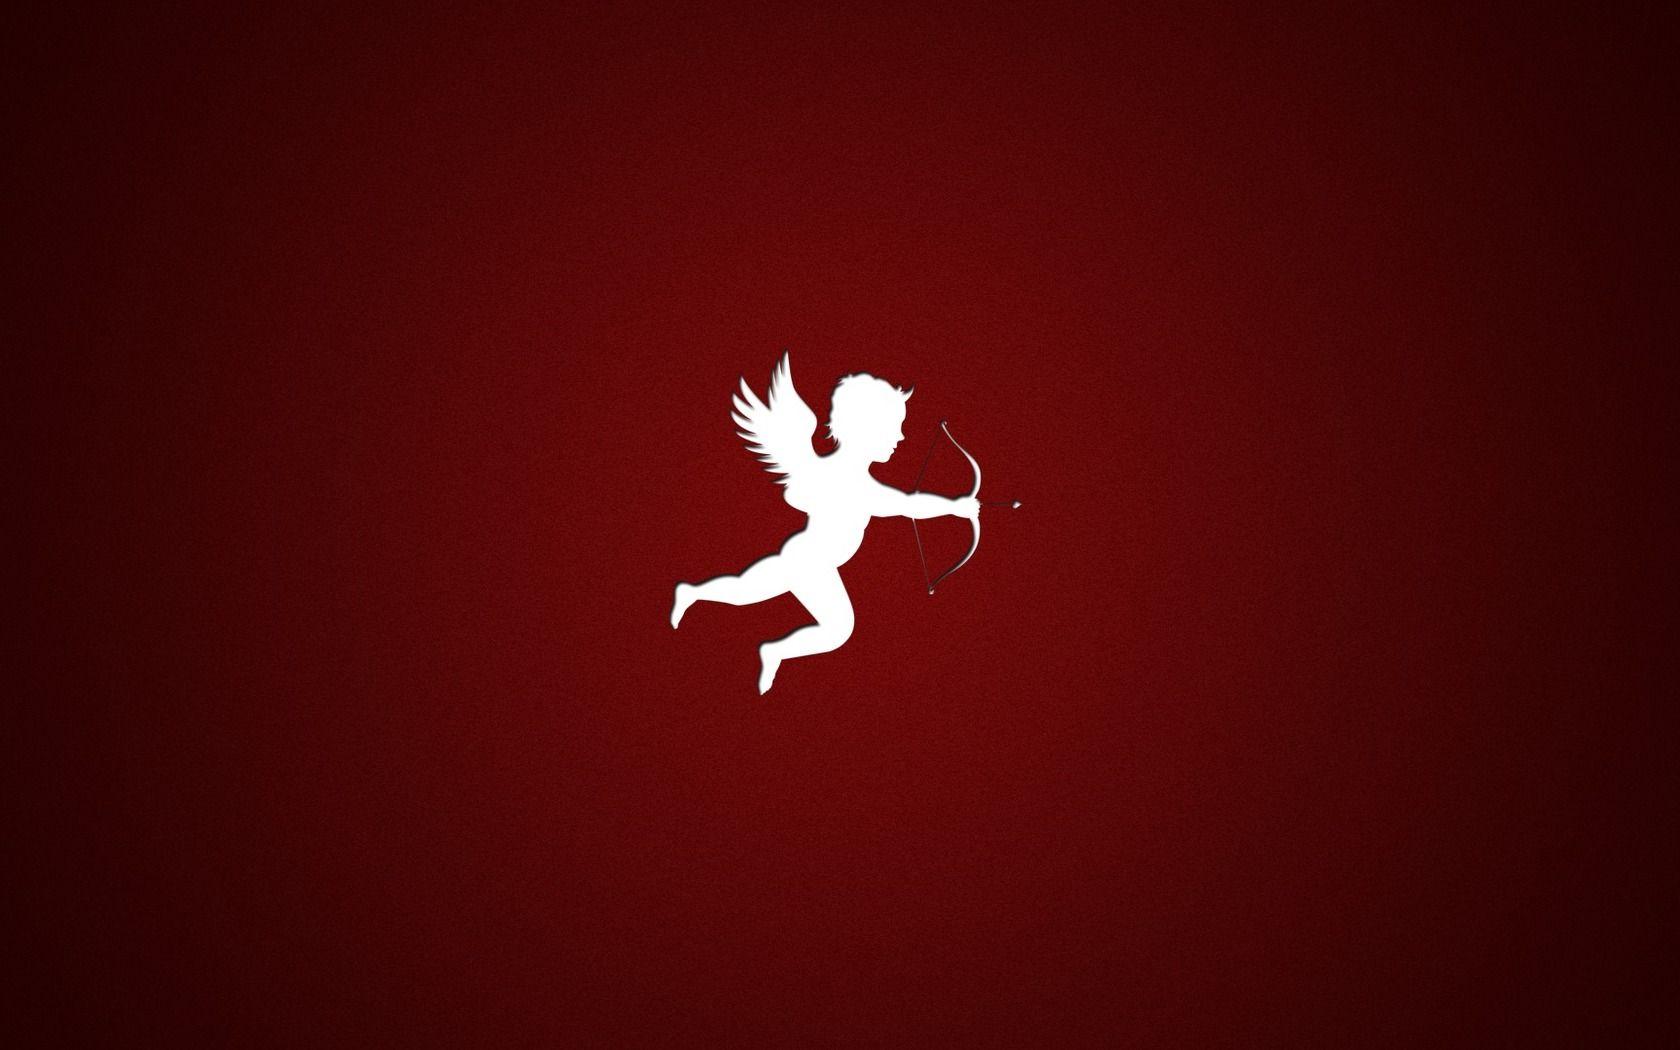 Hình ảnh thần tình yêu Cupid đẹp